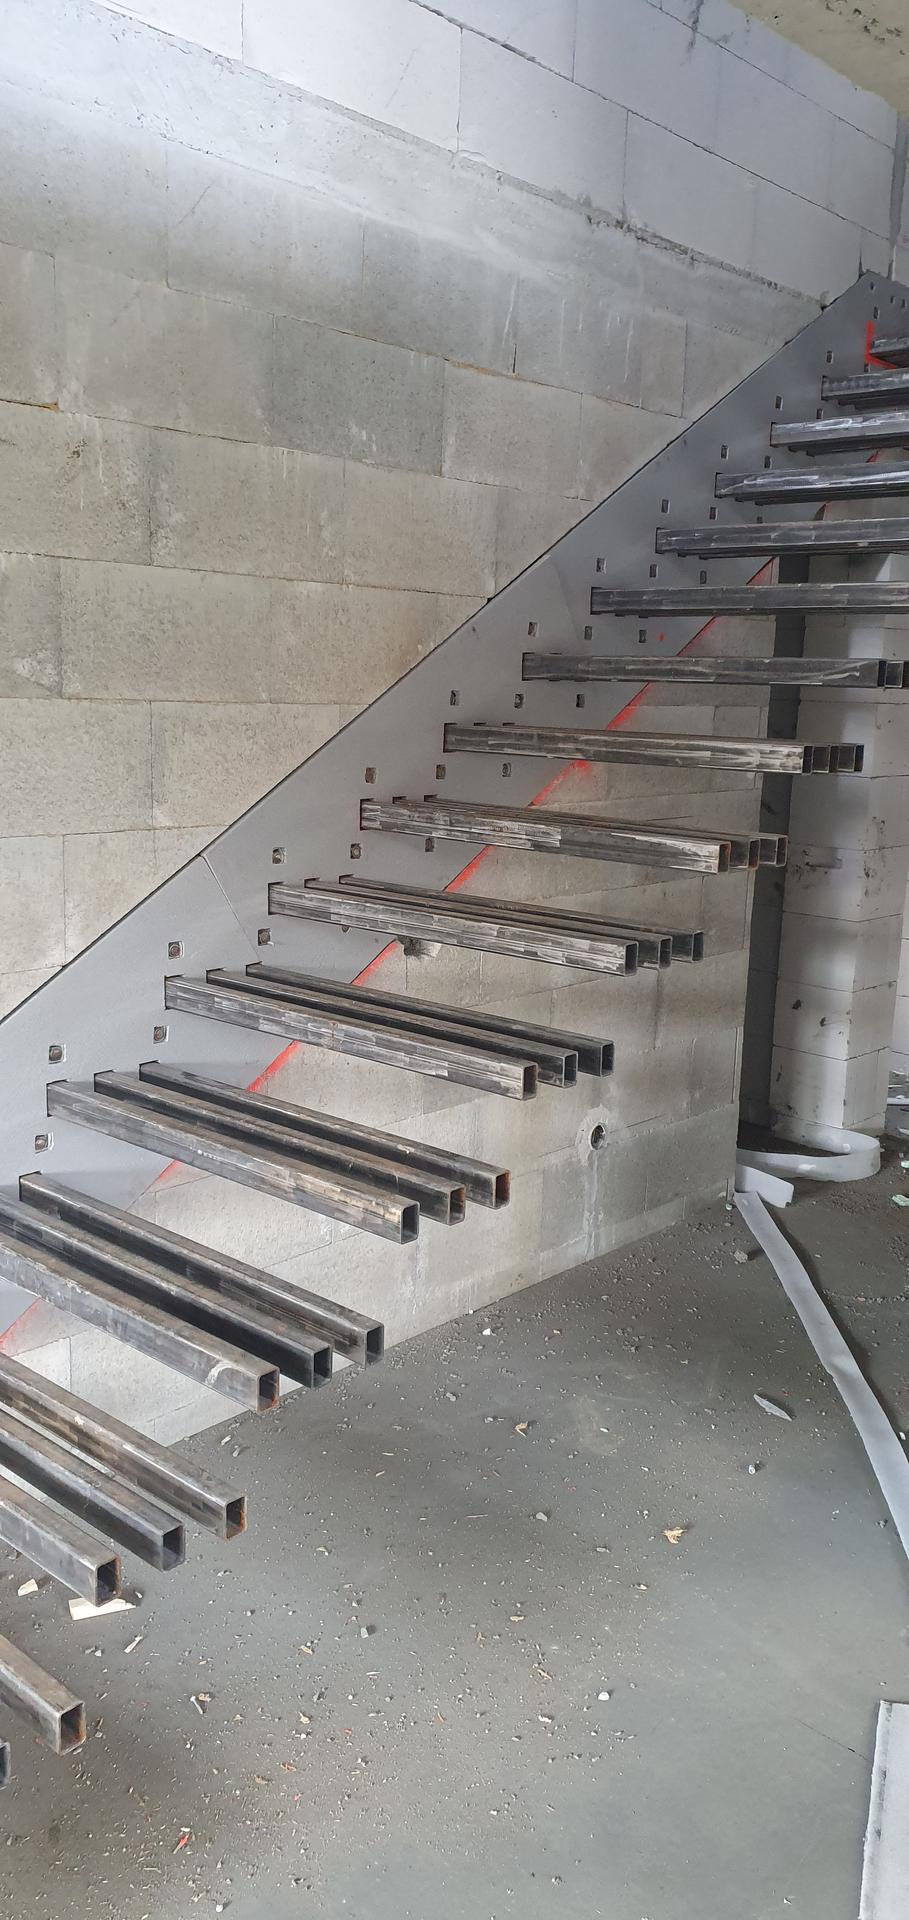 Konzolove schodisko (samonosne schody) - Skusaka ci sadne - XPS vyrezany presne podla šablony